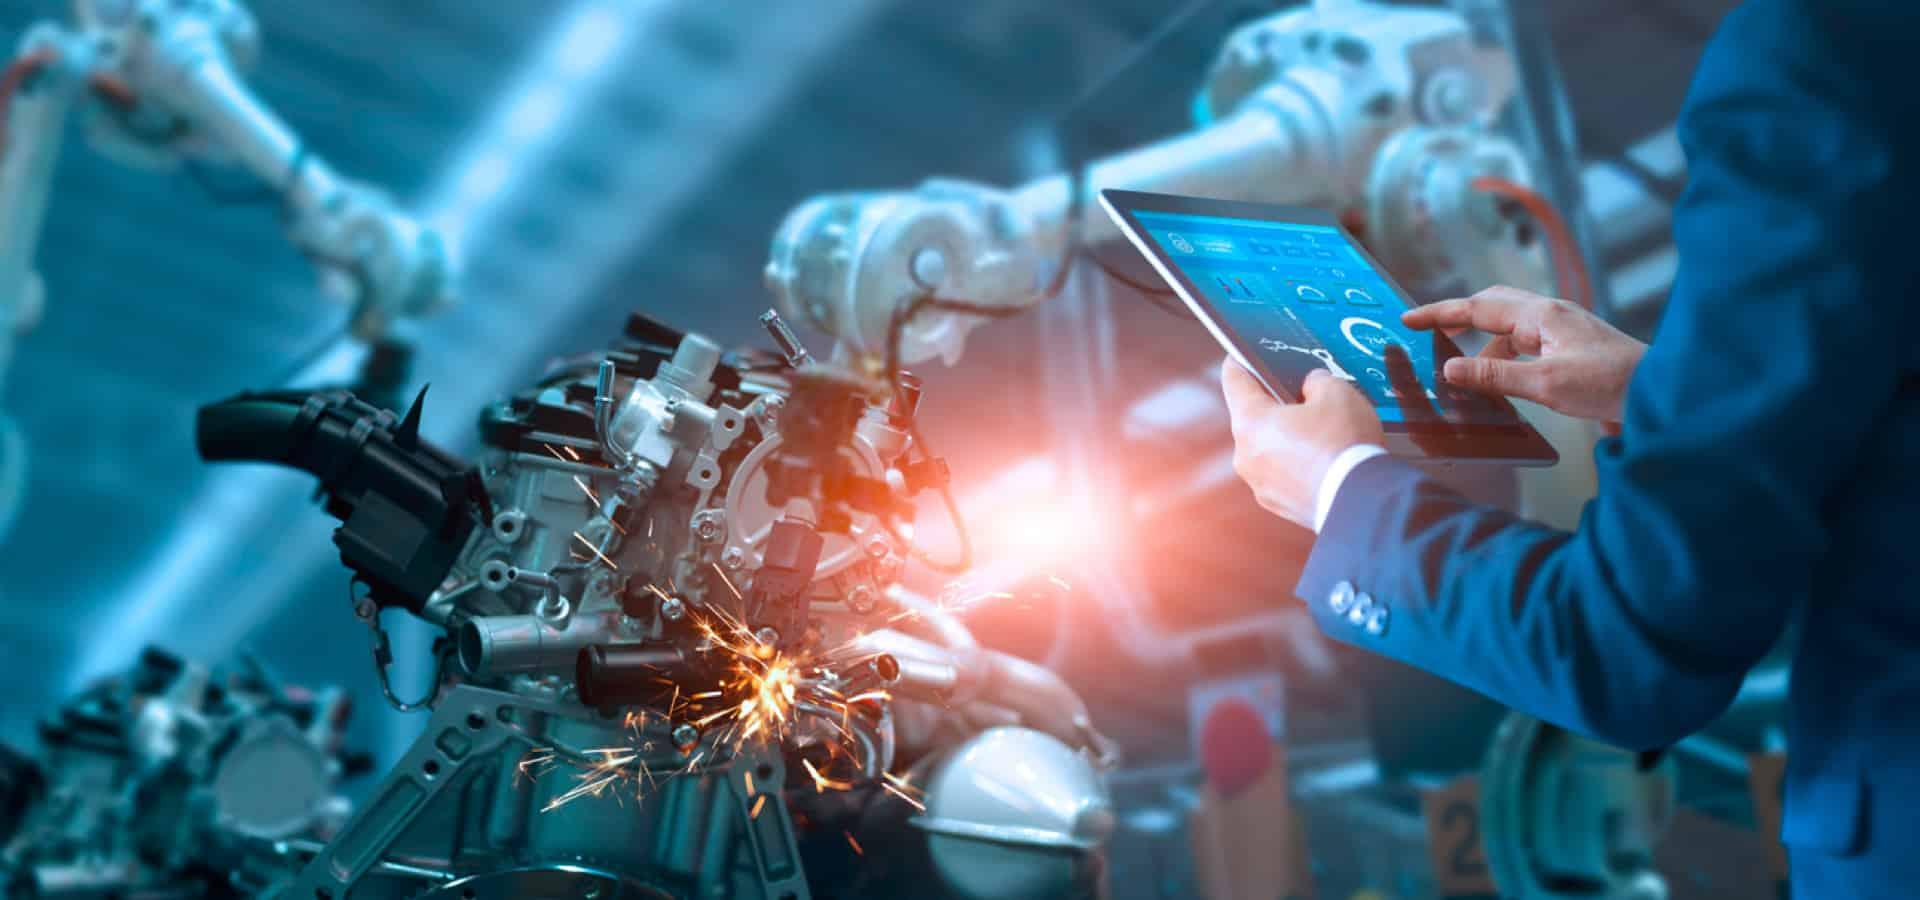 Clitec Anwendungen in der Industrie